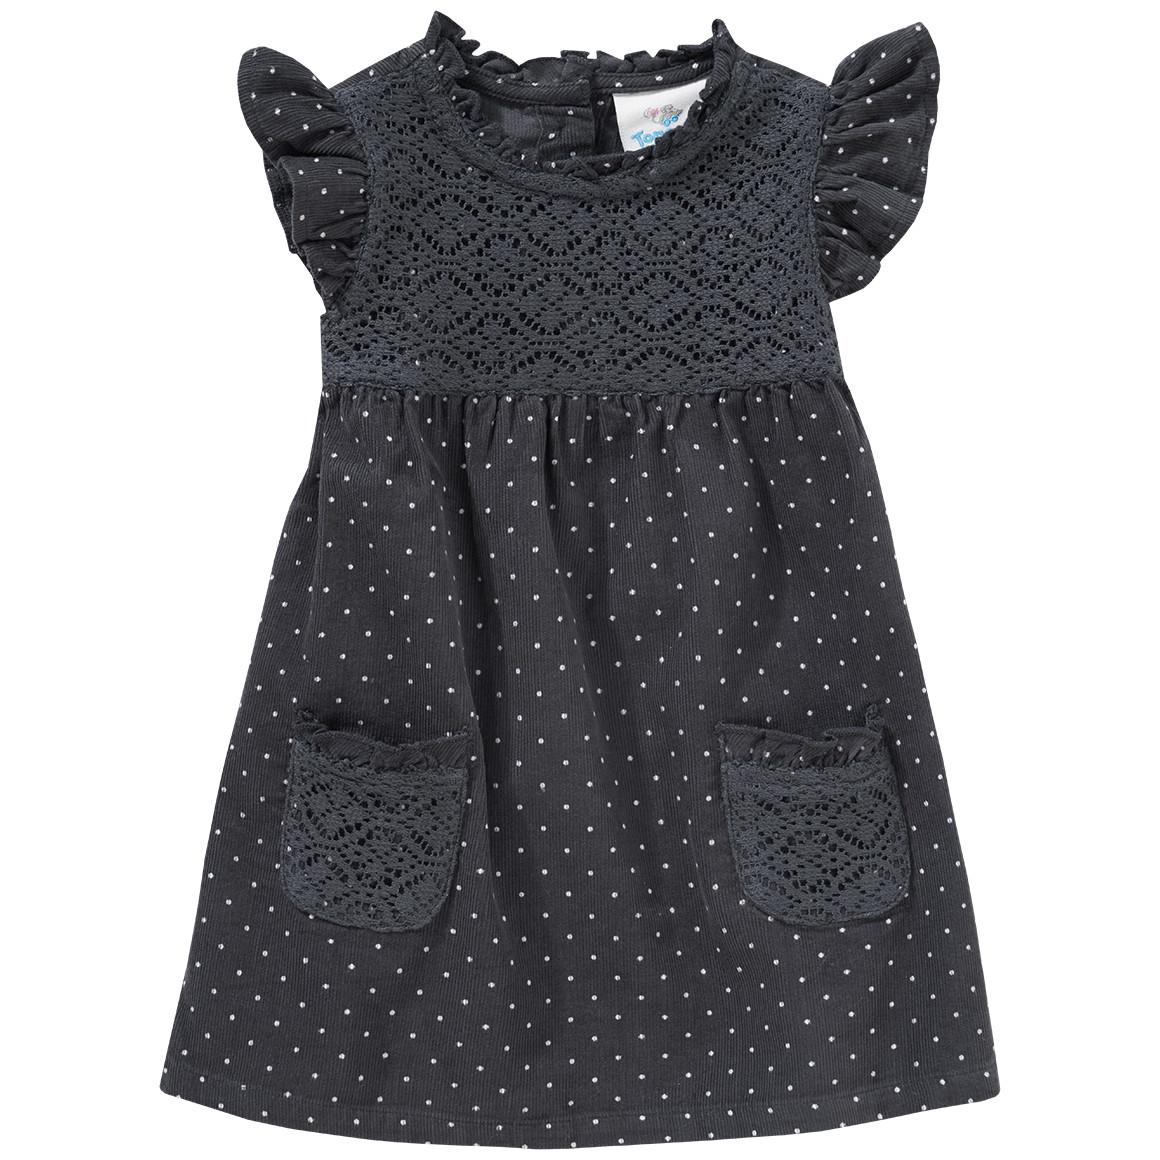 Babykleiderroecke - Baby Kleid aus Cord - Onlineshop Ernstings family